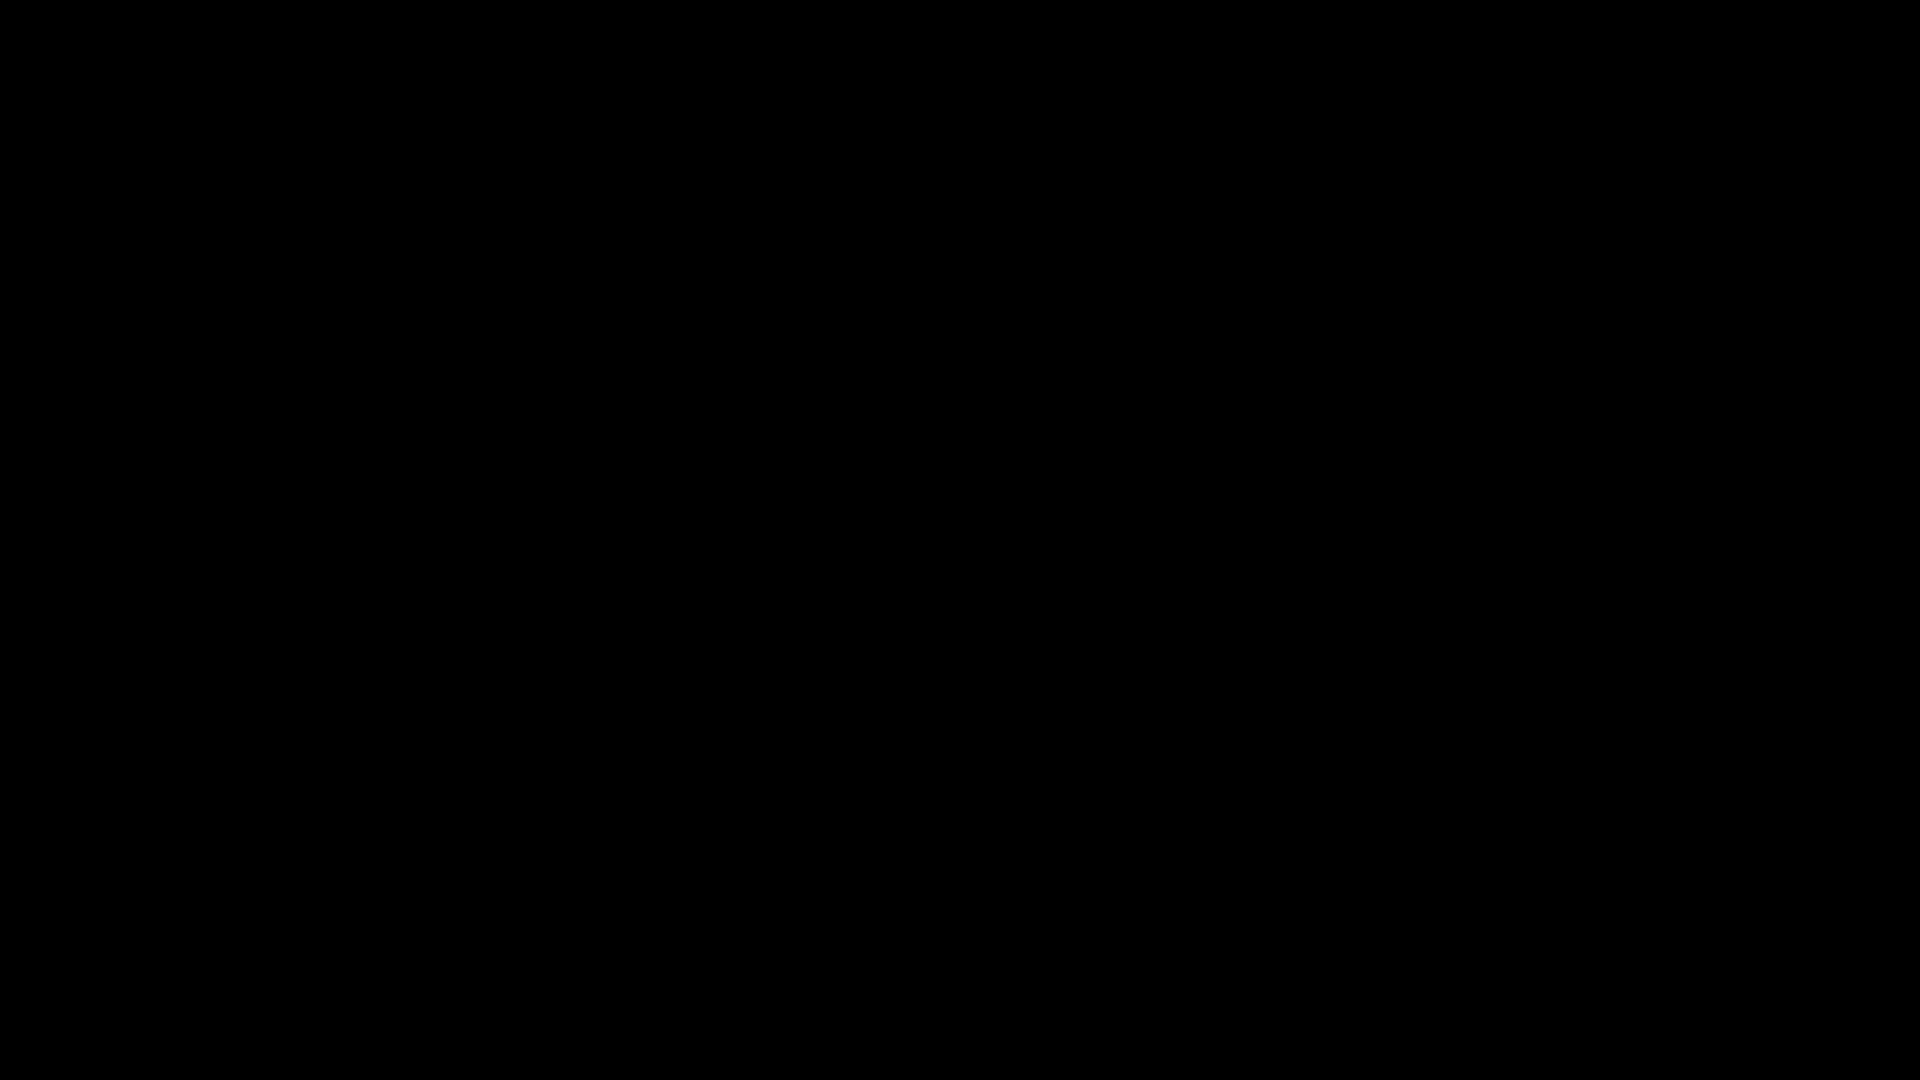 mei, overwatch, Mei Wall - Nepal GIFs